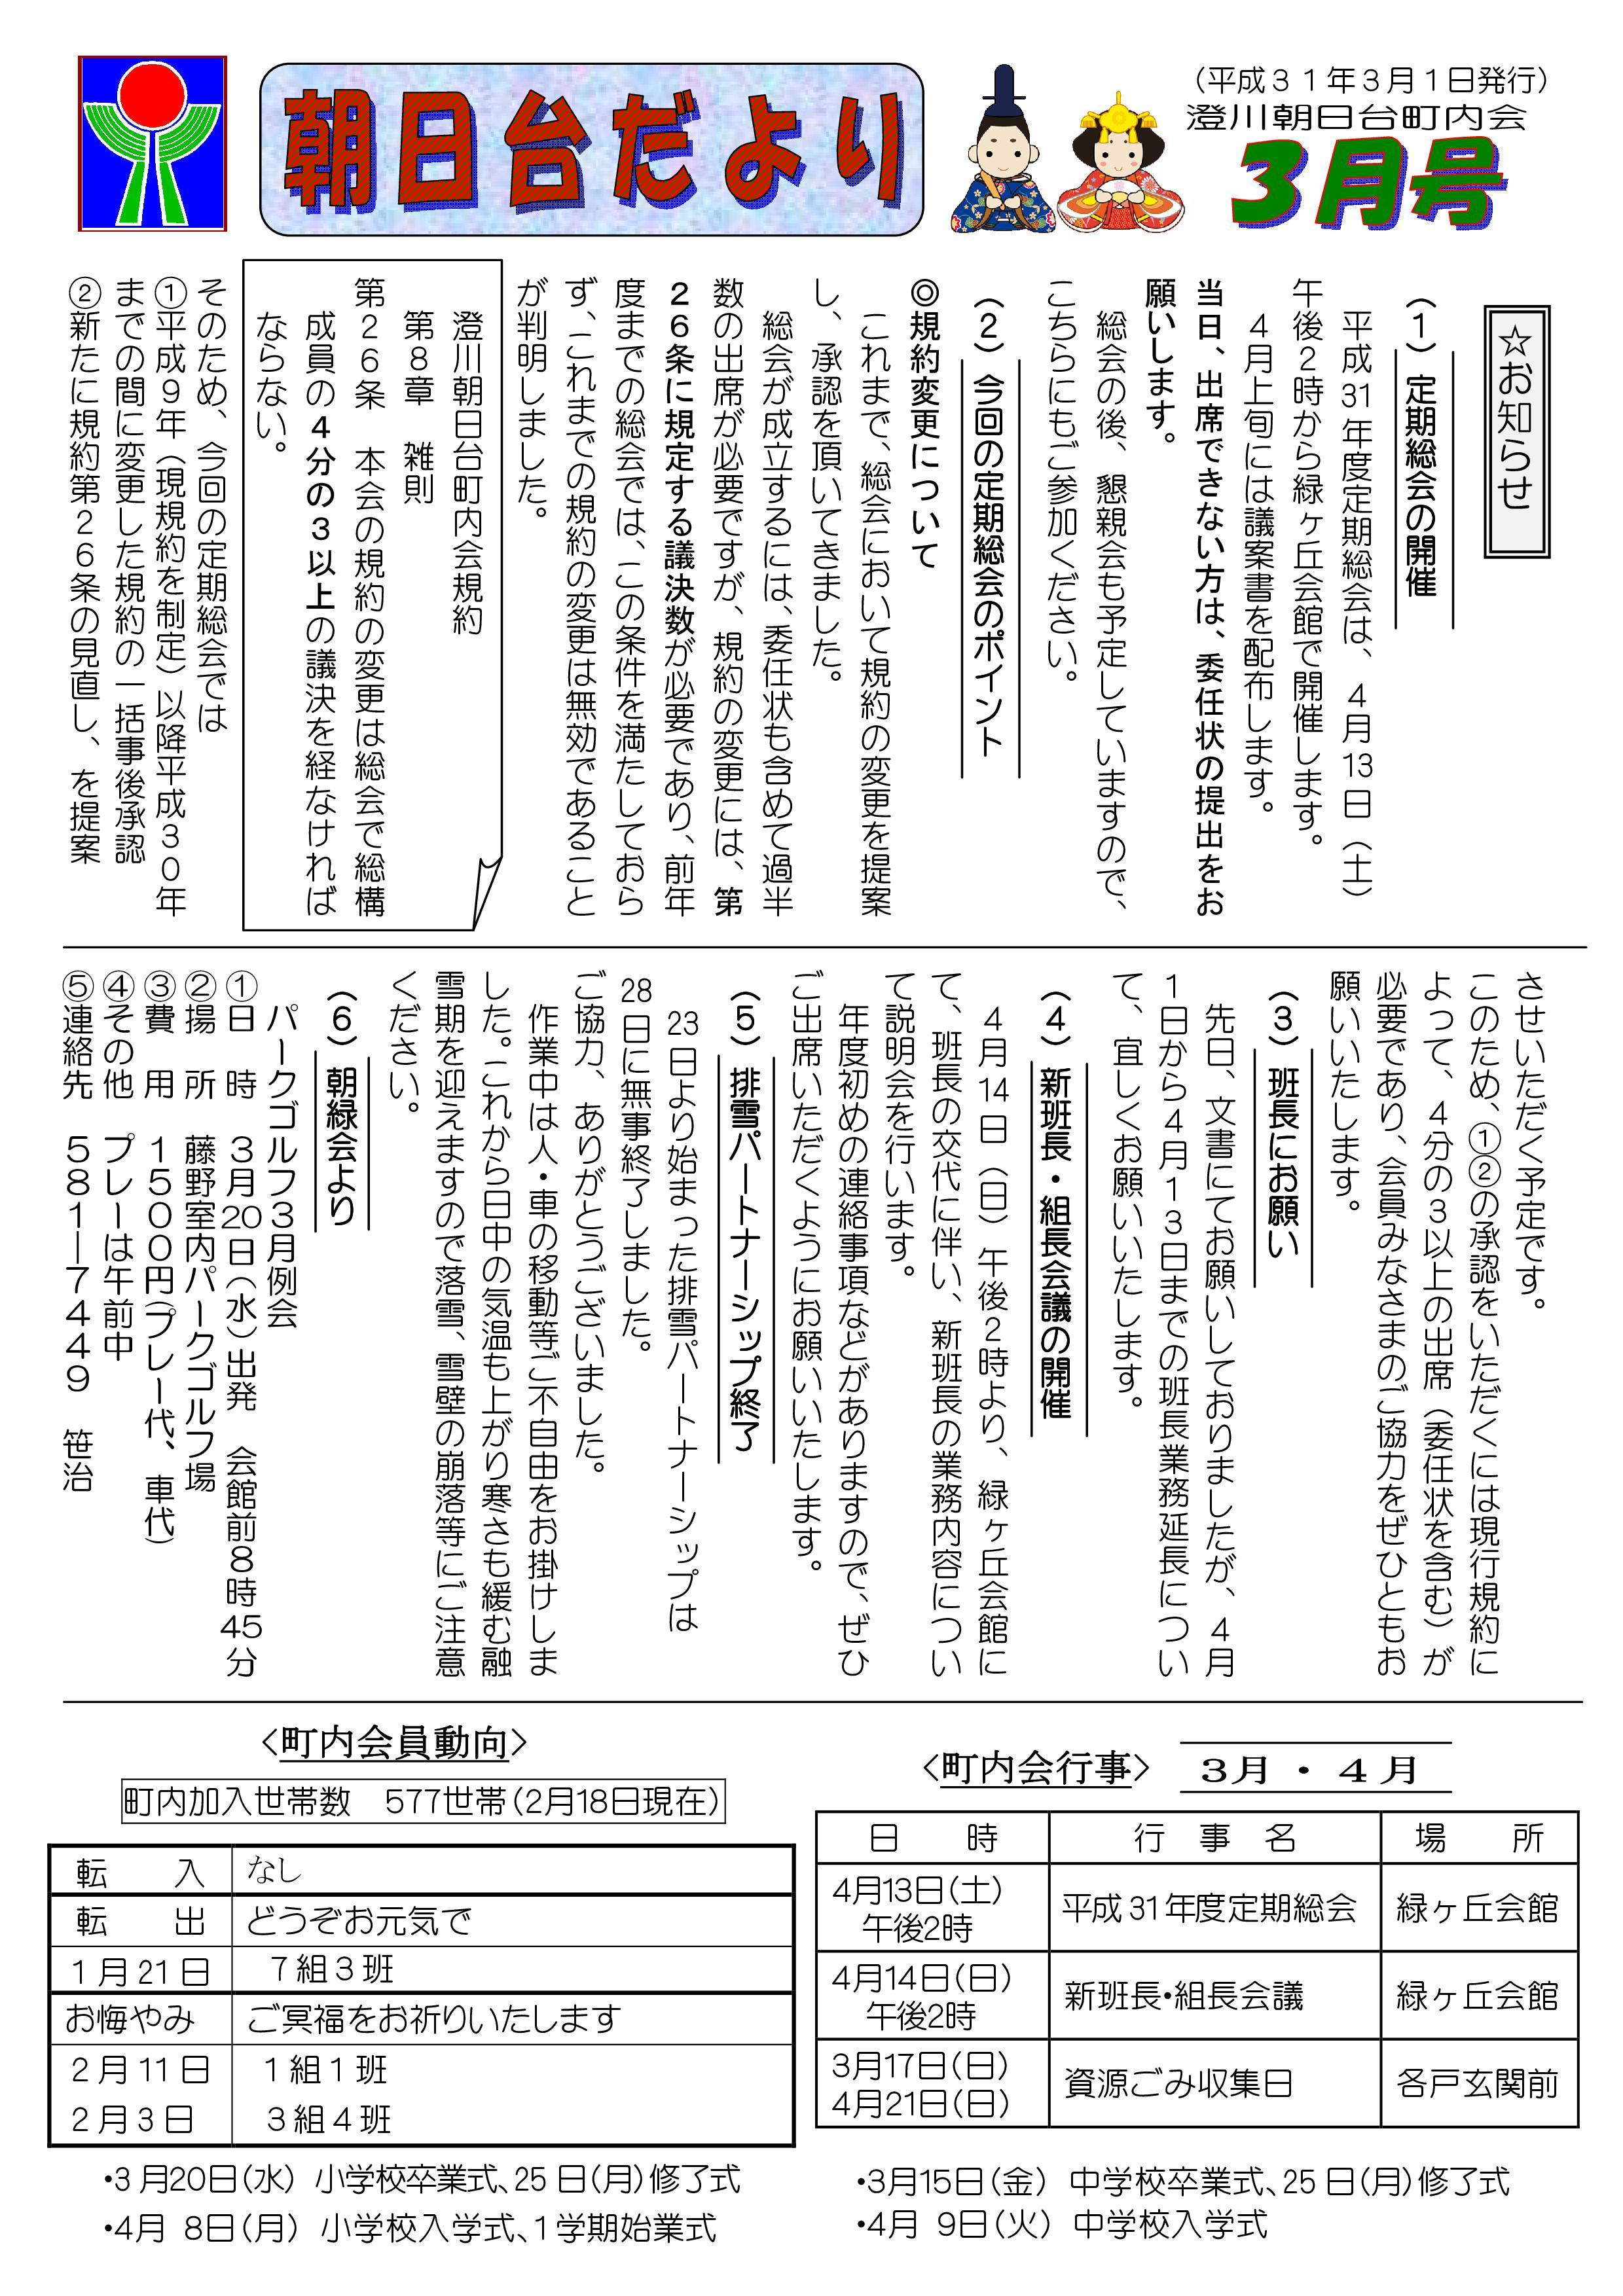 http://sumikawa.info/asahidai/31%203%E6%9C%88%E5%8F%B7-001.jpg